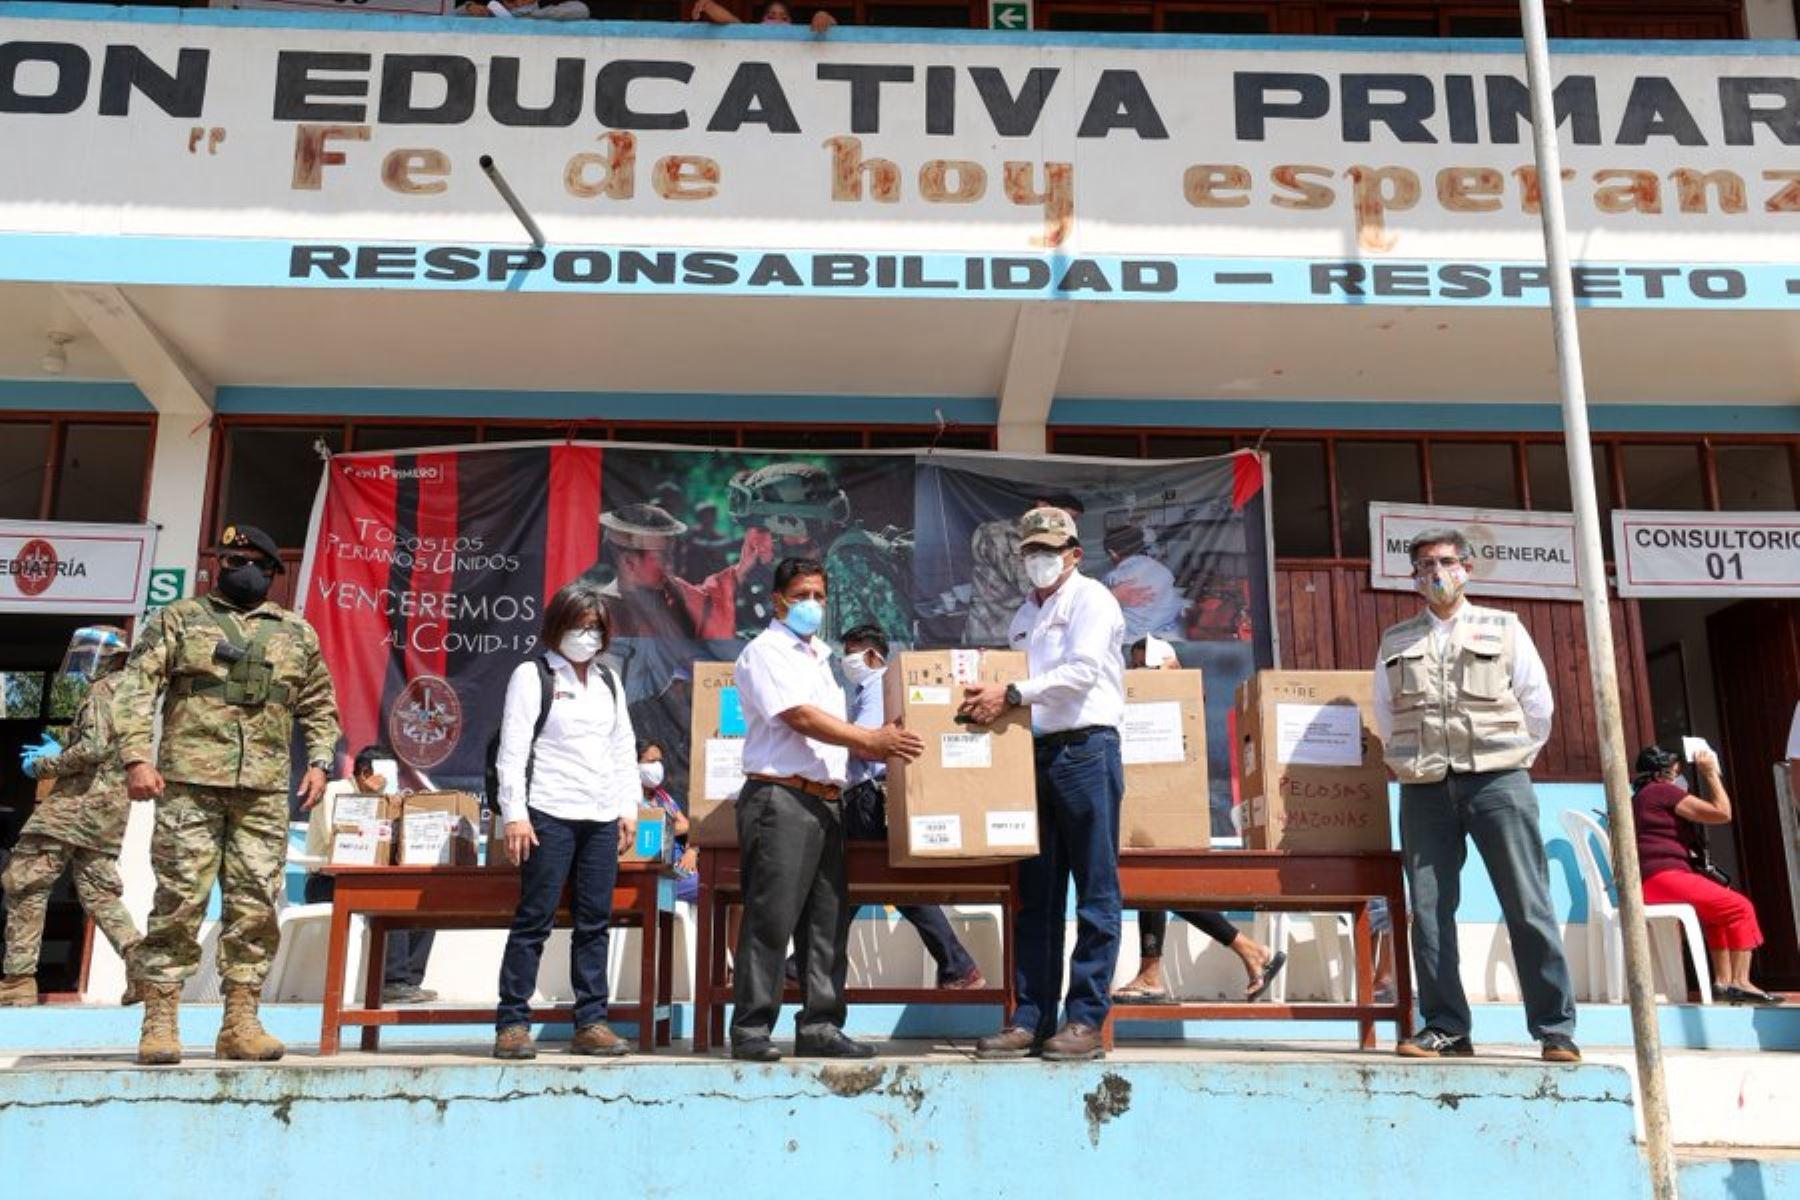 Jefe de Gabinete, Vicente Zeballos, supervisa el desarrollo de la Acción Cívica en el distrito de Santa María de Nieva, provincia de Condorcanqui, en Amazonas; donde se vienen realizando triajes Covid-19 y la entrega de kits de alimentos para la comunidad.  También son parte de la comitiva la viceministra de Salud, Nancy Zerpa; el viceministro de Gobernanza Territorial de PCM, Raúl Molina; el jefe del CCFFAA, César Astudillo y el director ejecutivo del Proyecto Especial Legado Lima 2019, Alberto Valenzuela. Foto: ANDINA/PCM